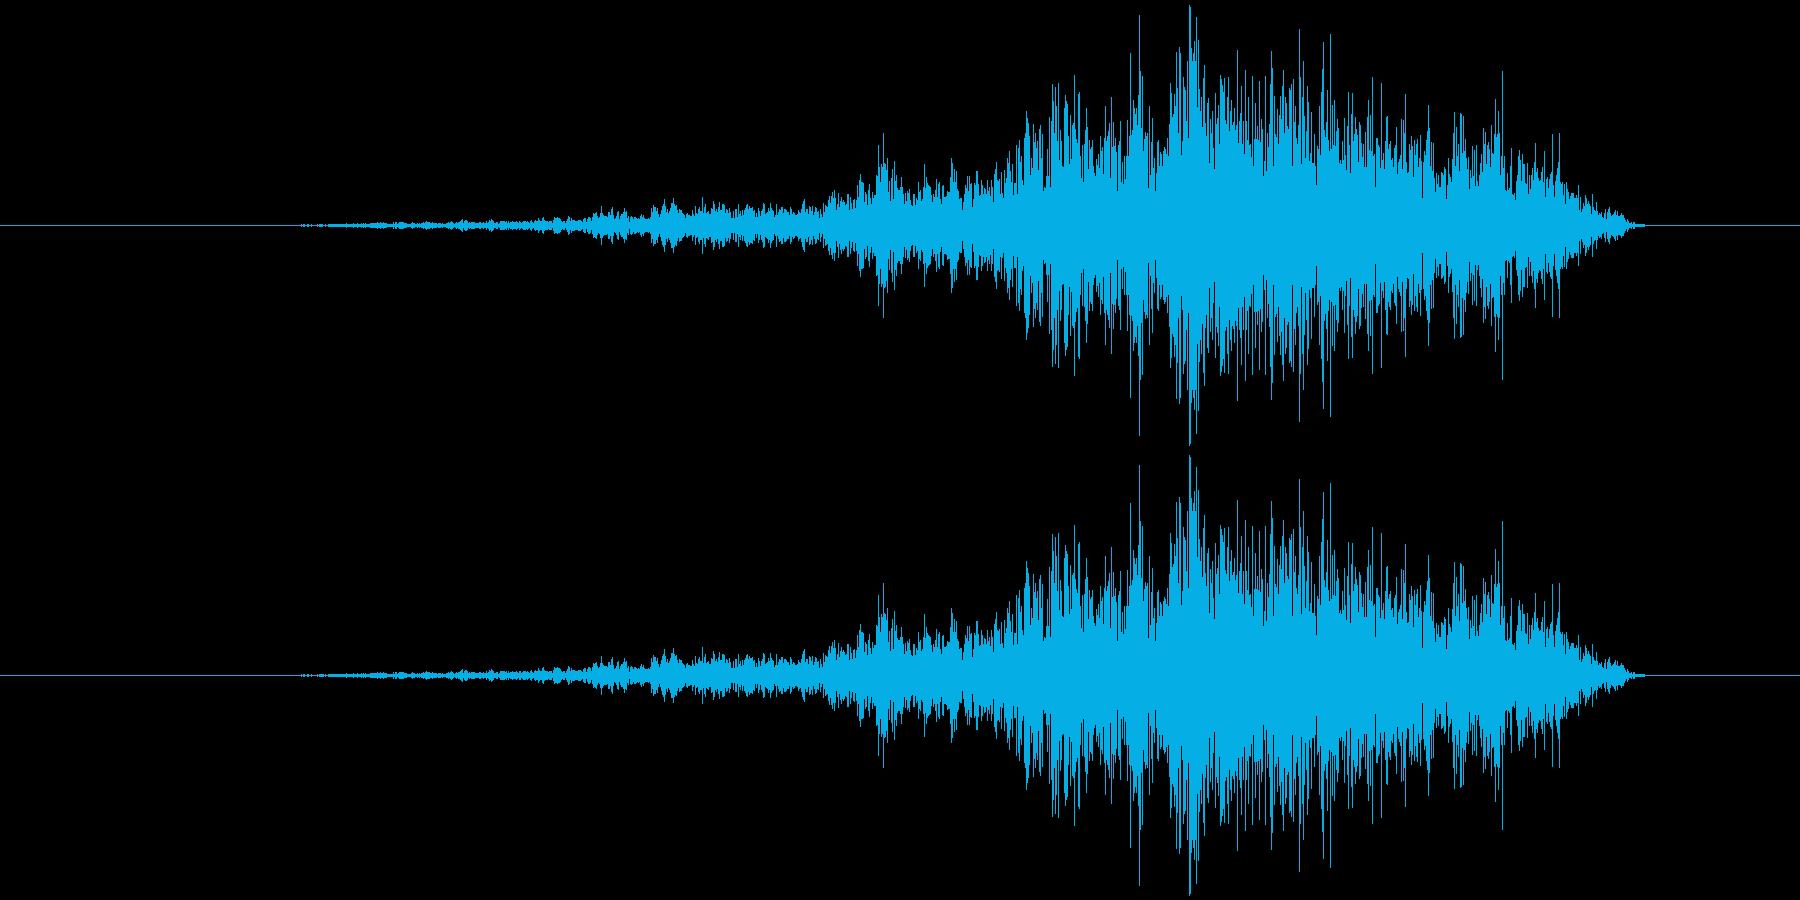 シュルリ(金属)の再生済みの波形